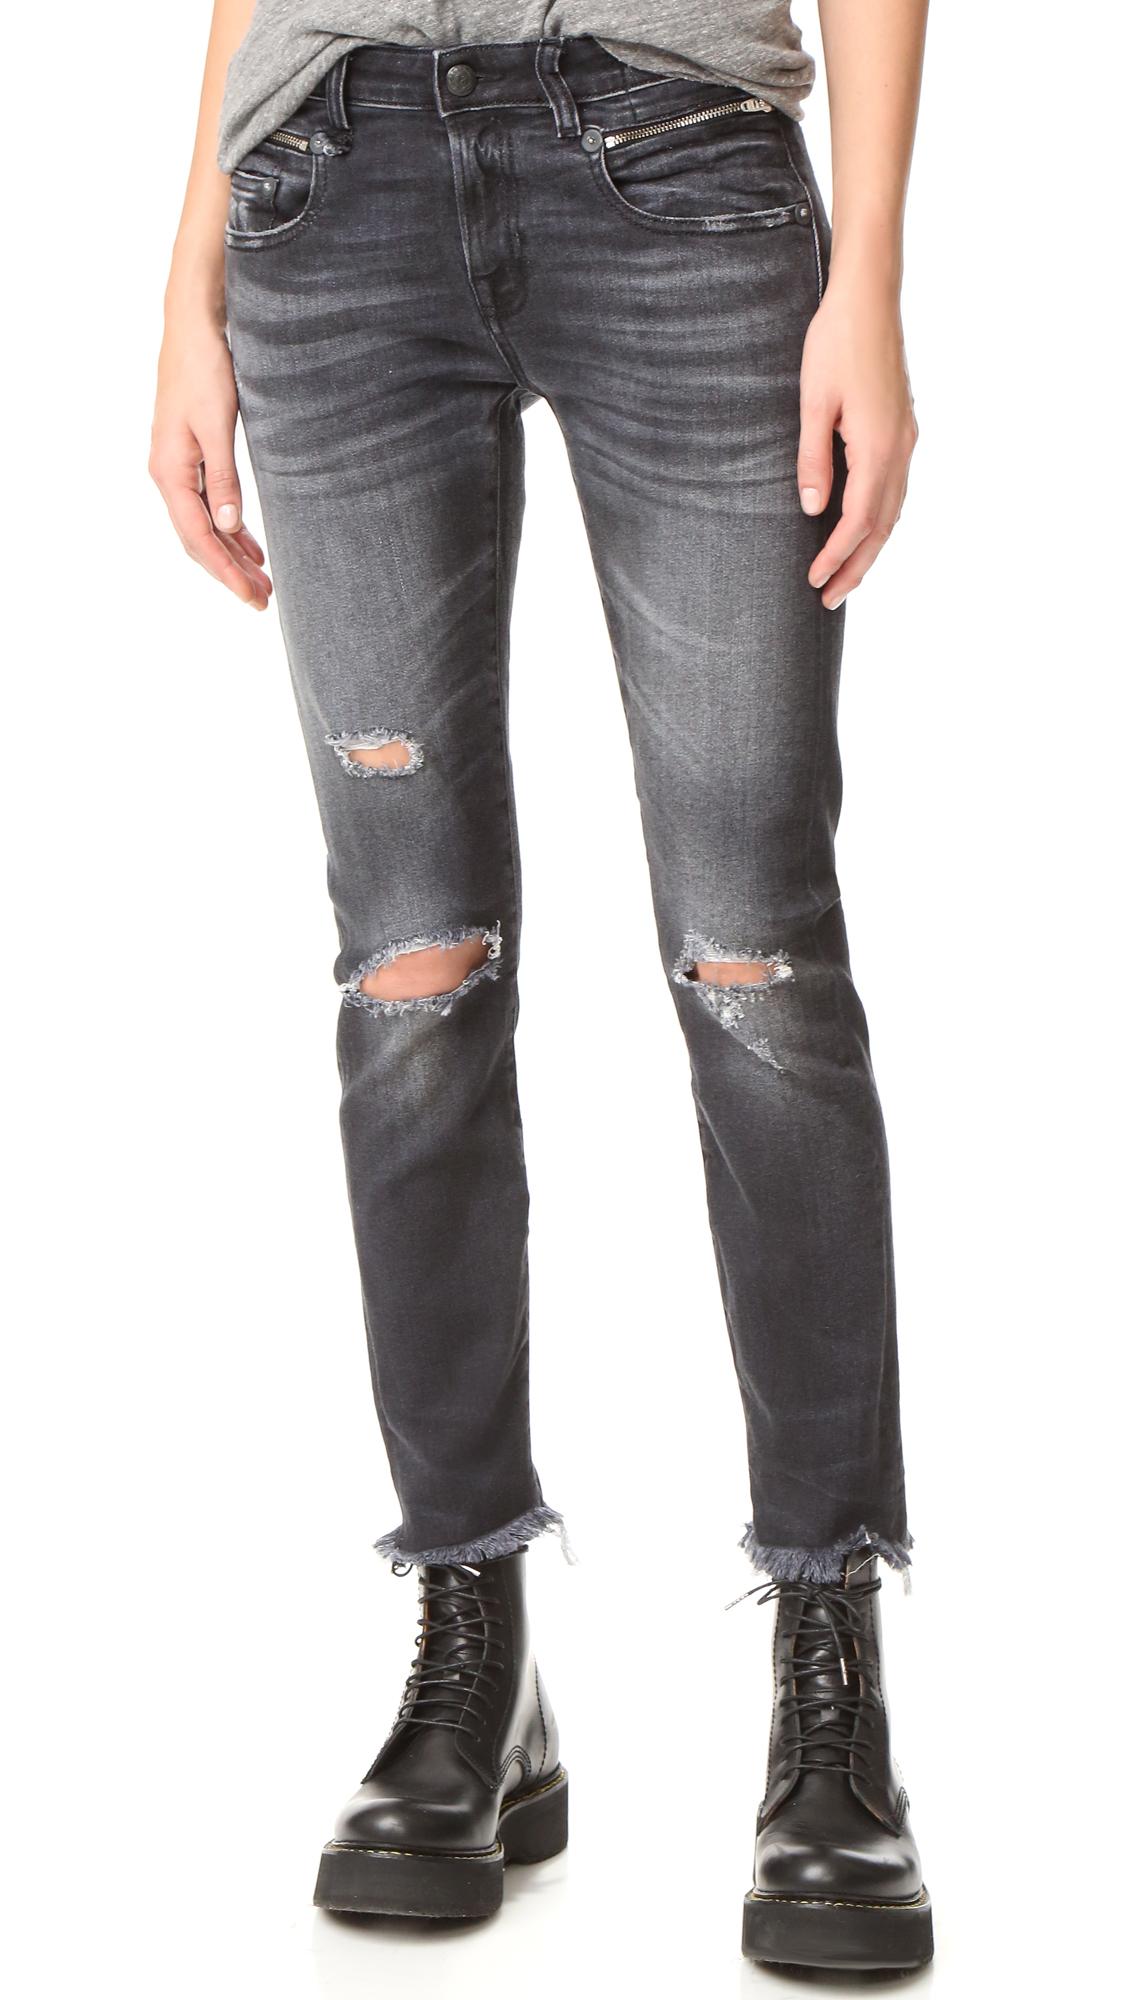 R13 Biker Boy Jeans In Albany